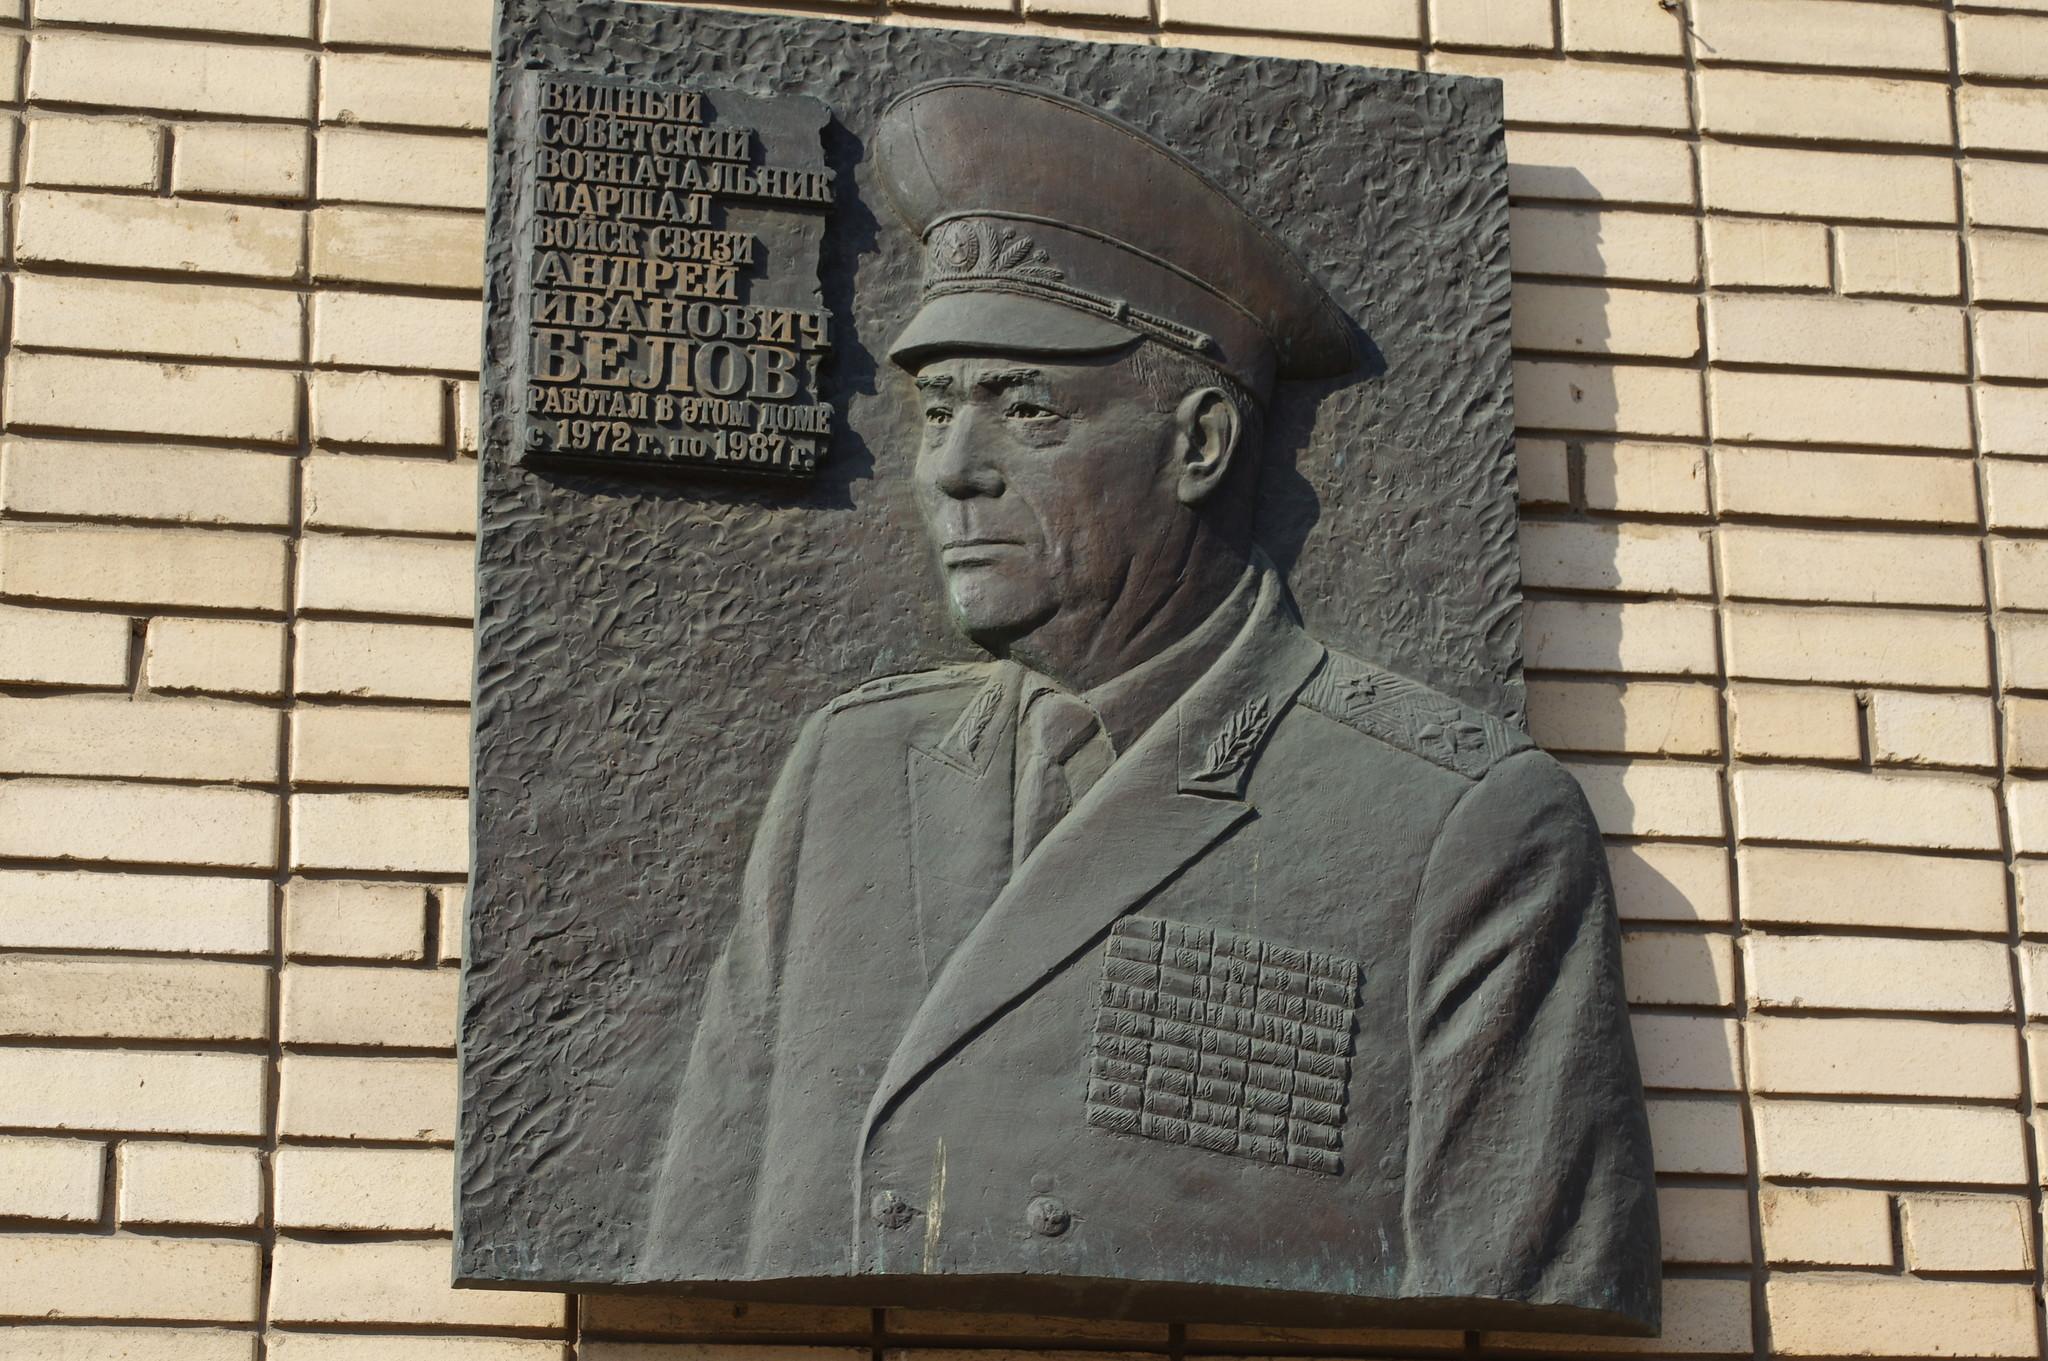 Мемориальная доска маршалу войск связи Андрею Ивановичу Белову, на фасаде дома в котором он работал с 1972 года по 1987 год (Большой Знаменский переулок, дом 21)